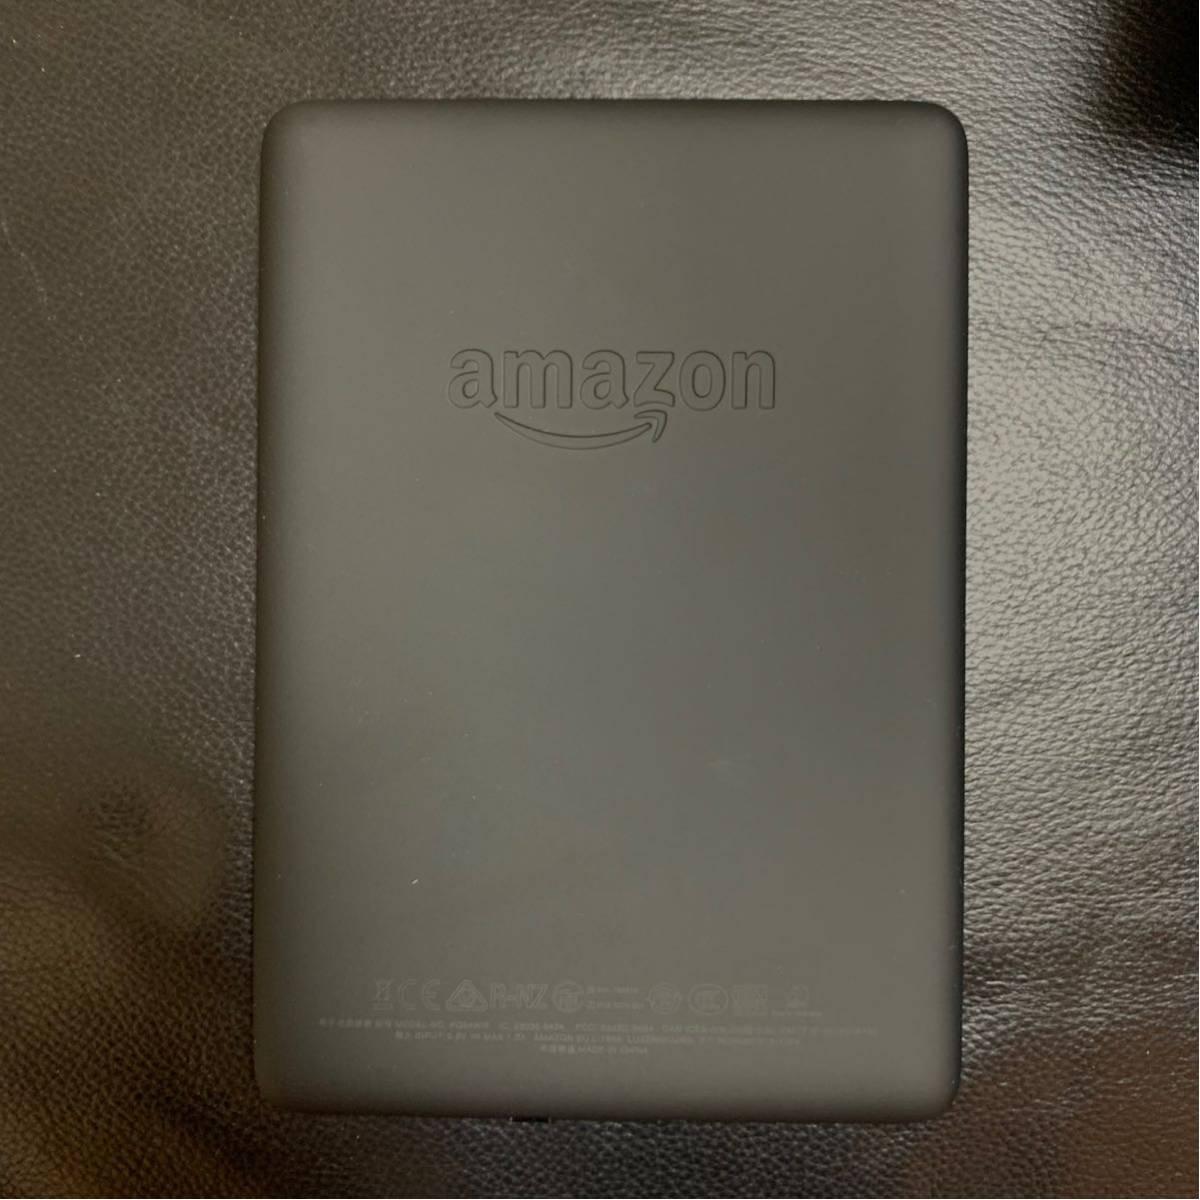 新品未使用 Kindle Paperwhite (第10世代) 防水 Wi-Fi 8GB 広告なしモデル_画像2